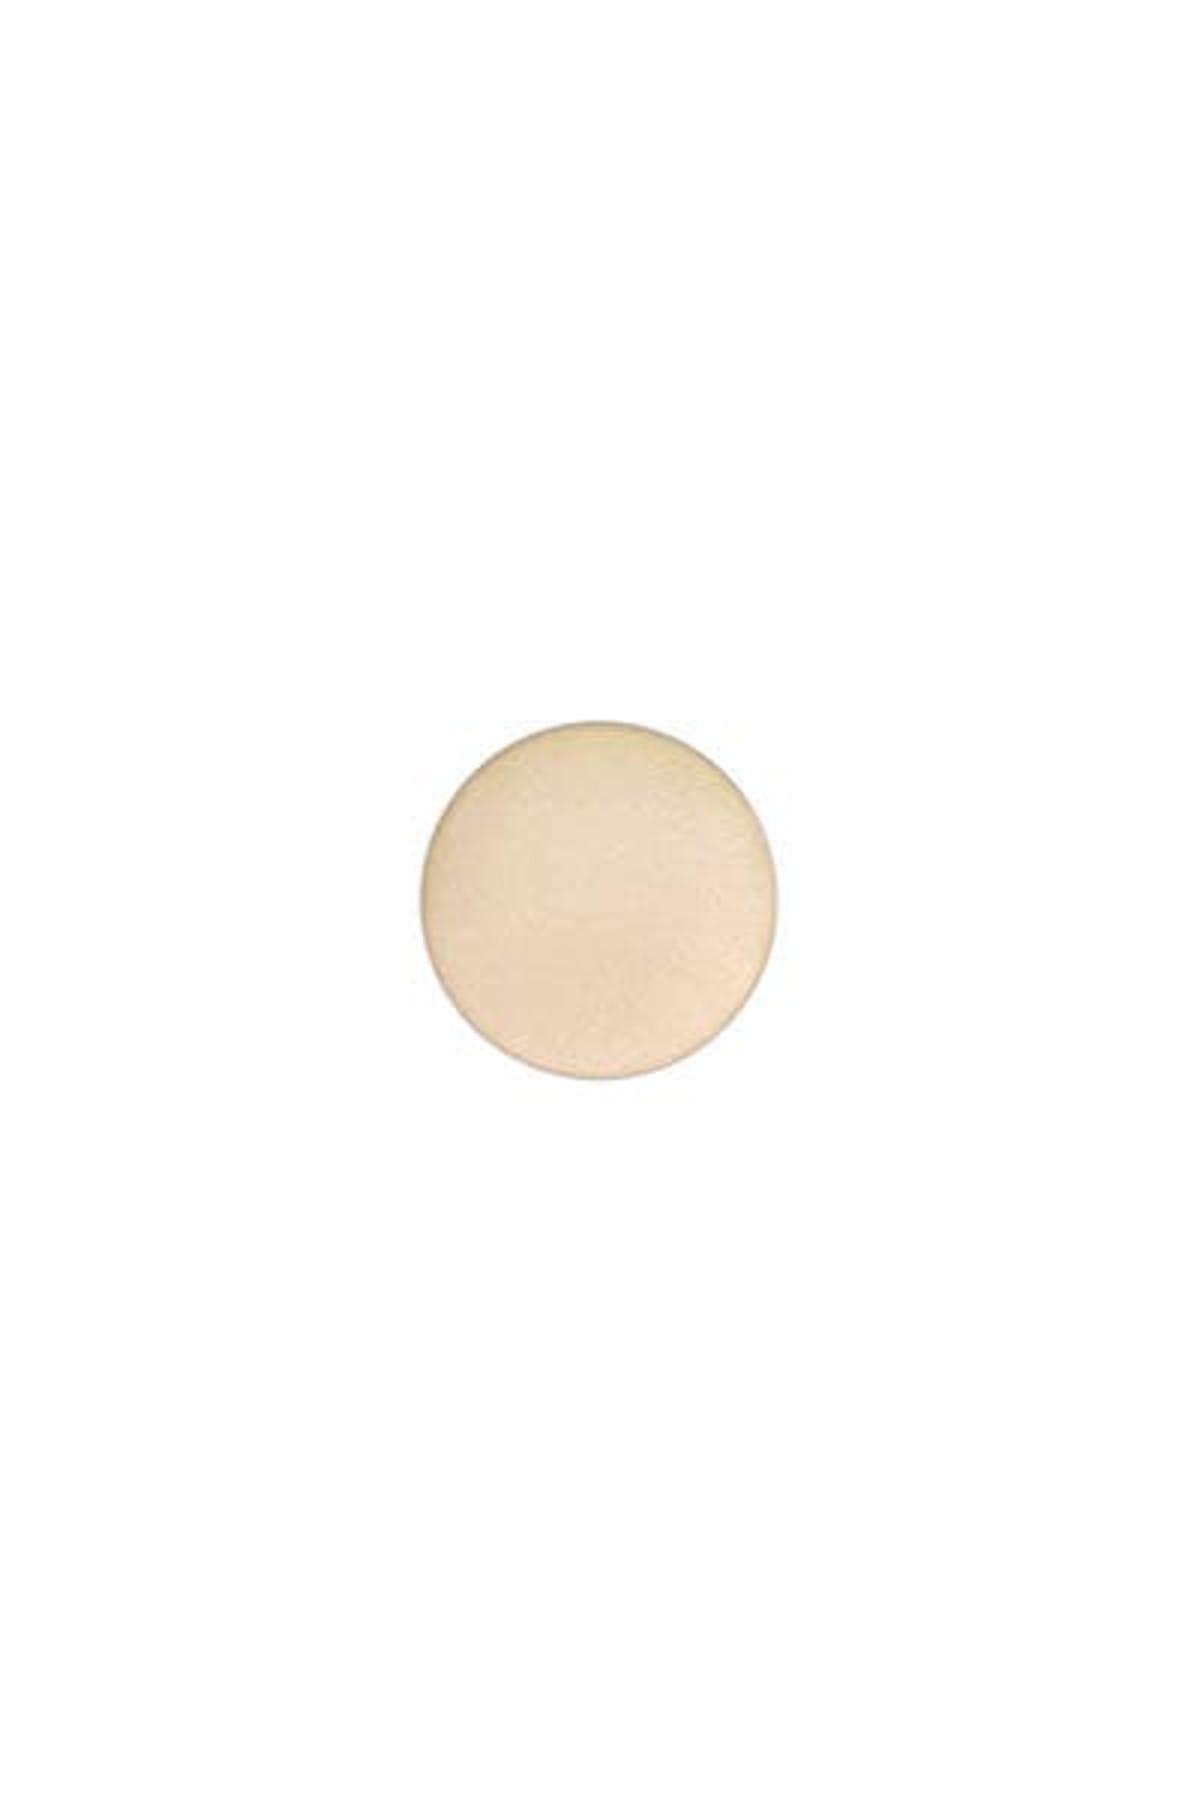 Göz Farı - Refill Far Nylon 1.5 g 773602964277